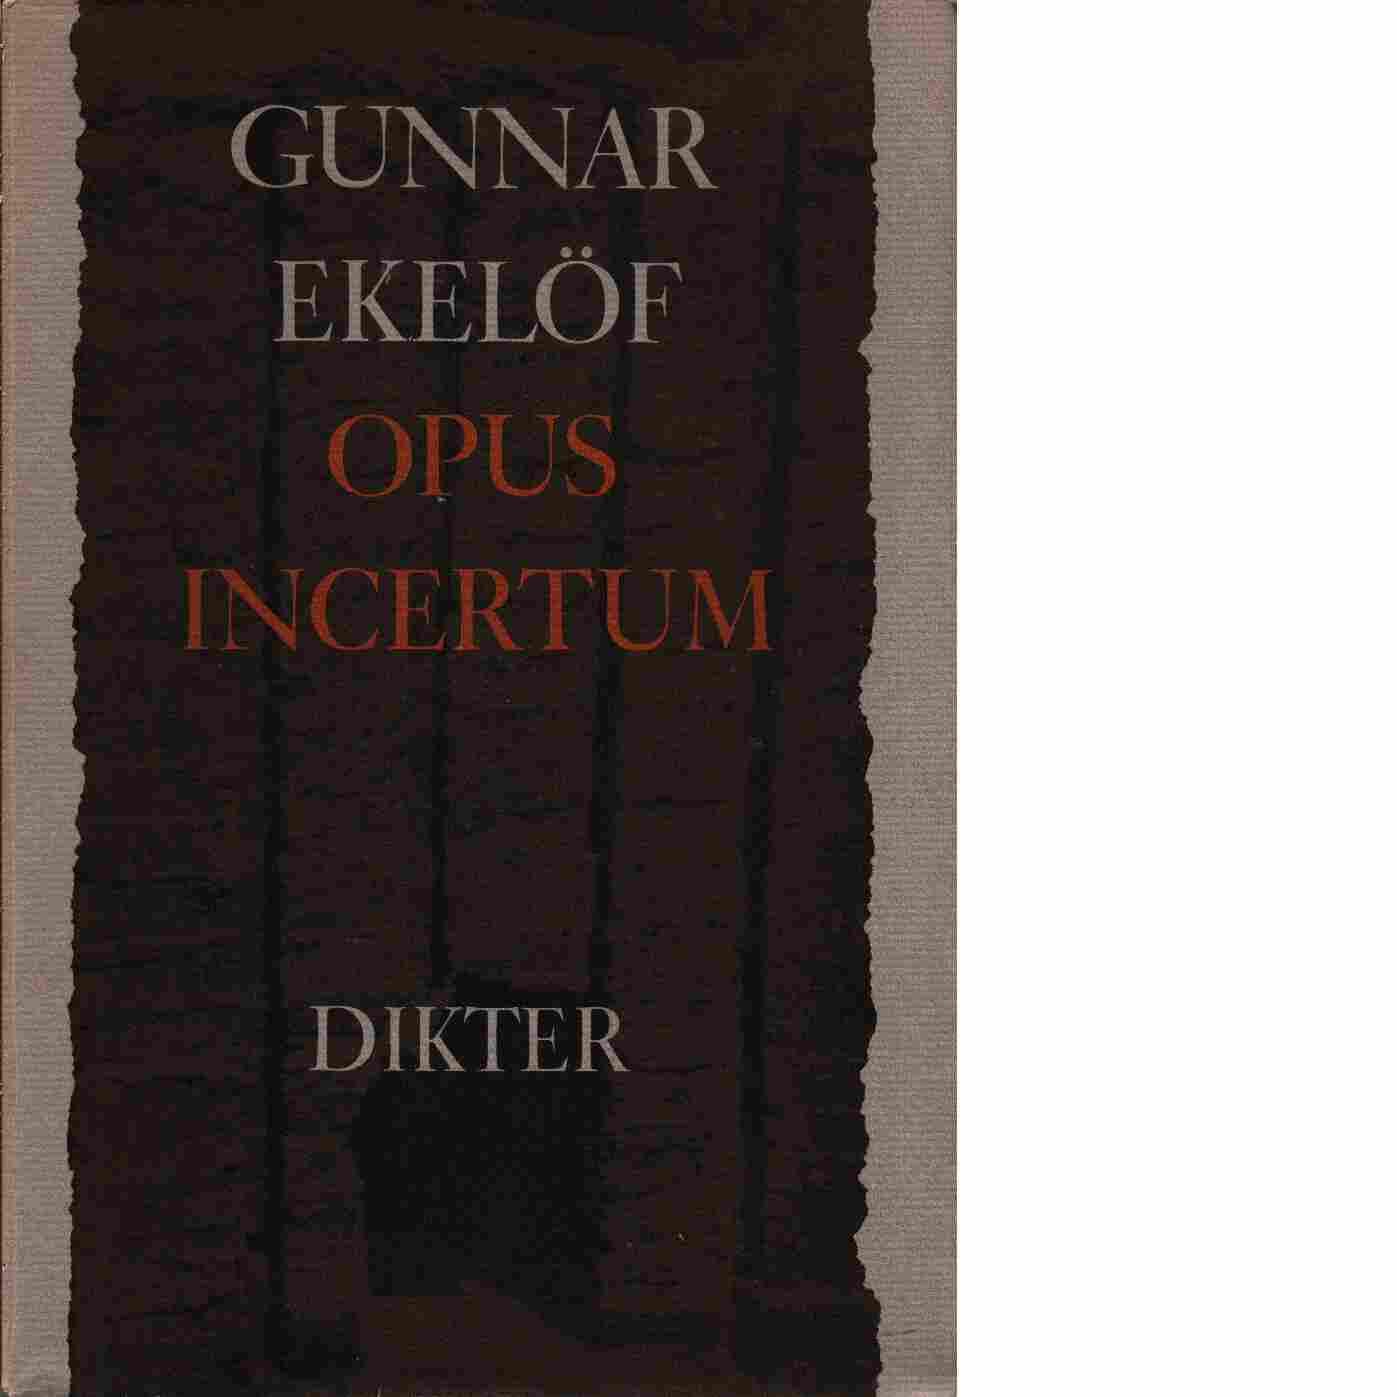 Opus incertum : [dikter] - Ekelöf, Gunnar